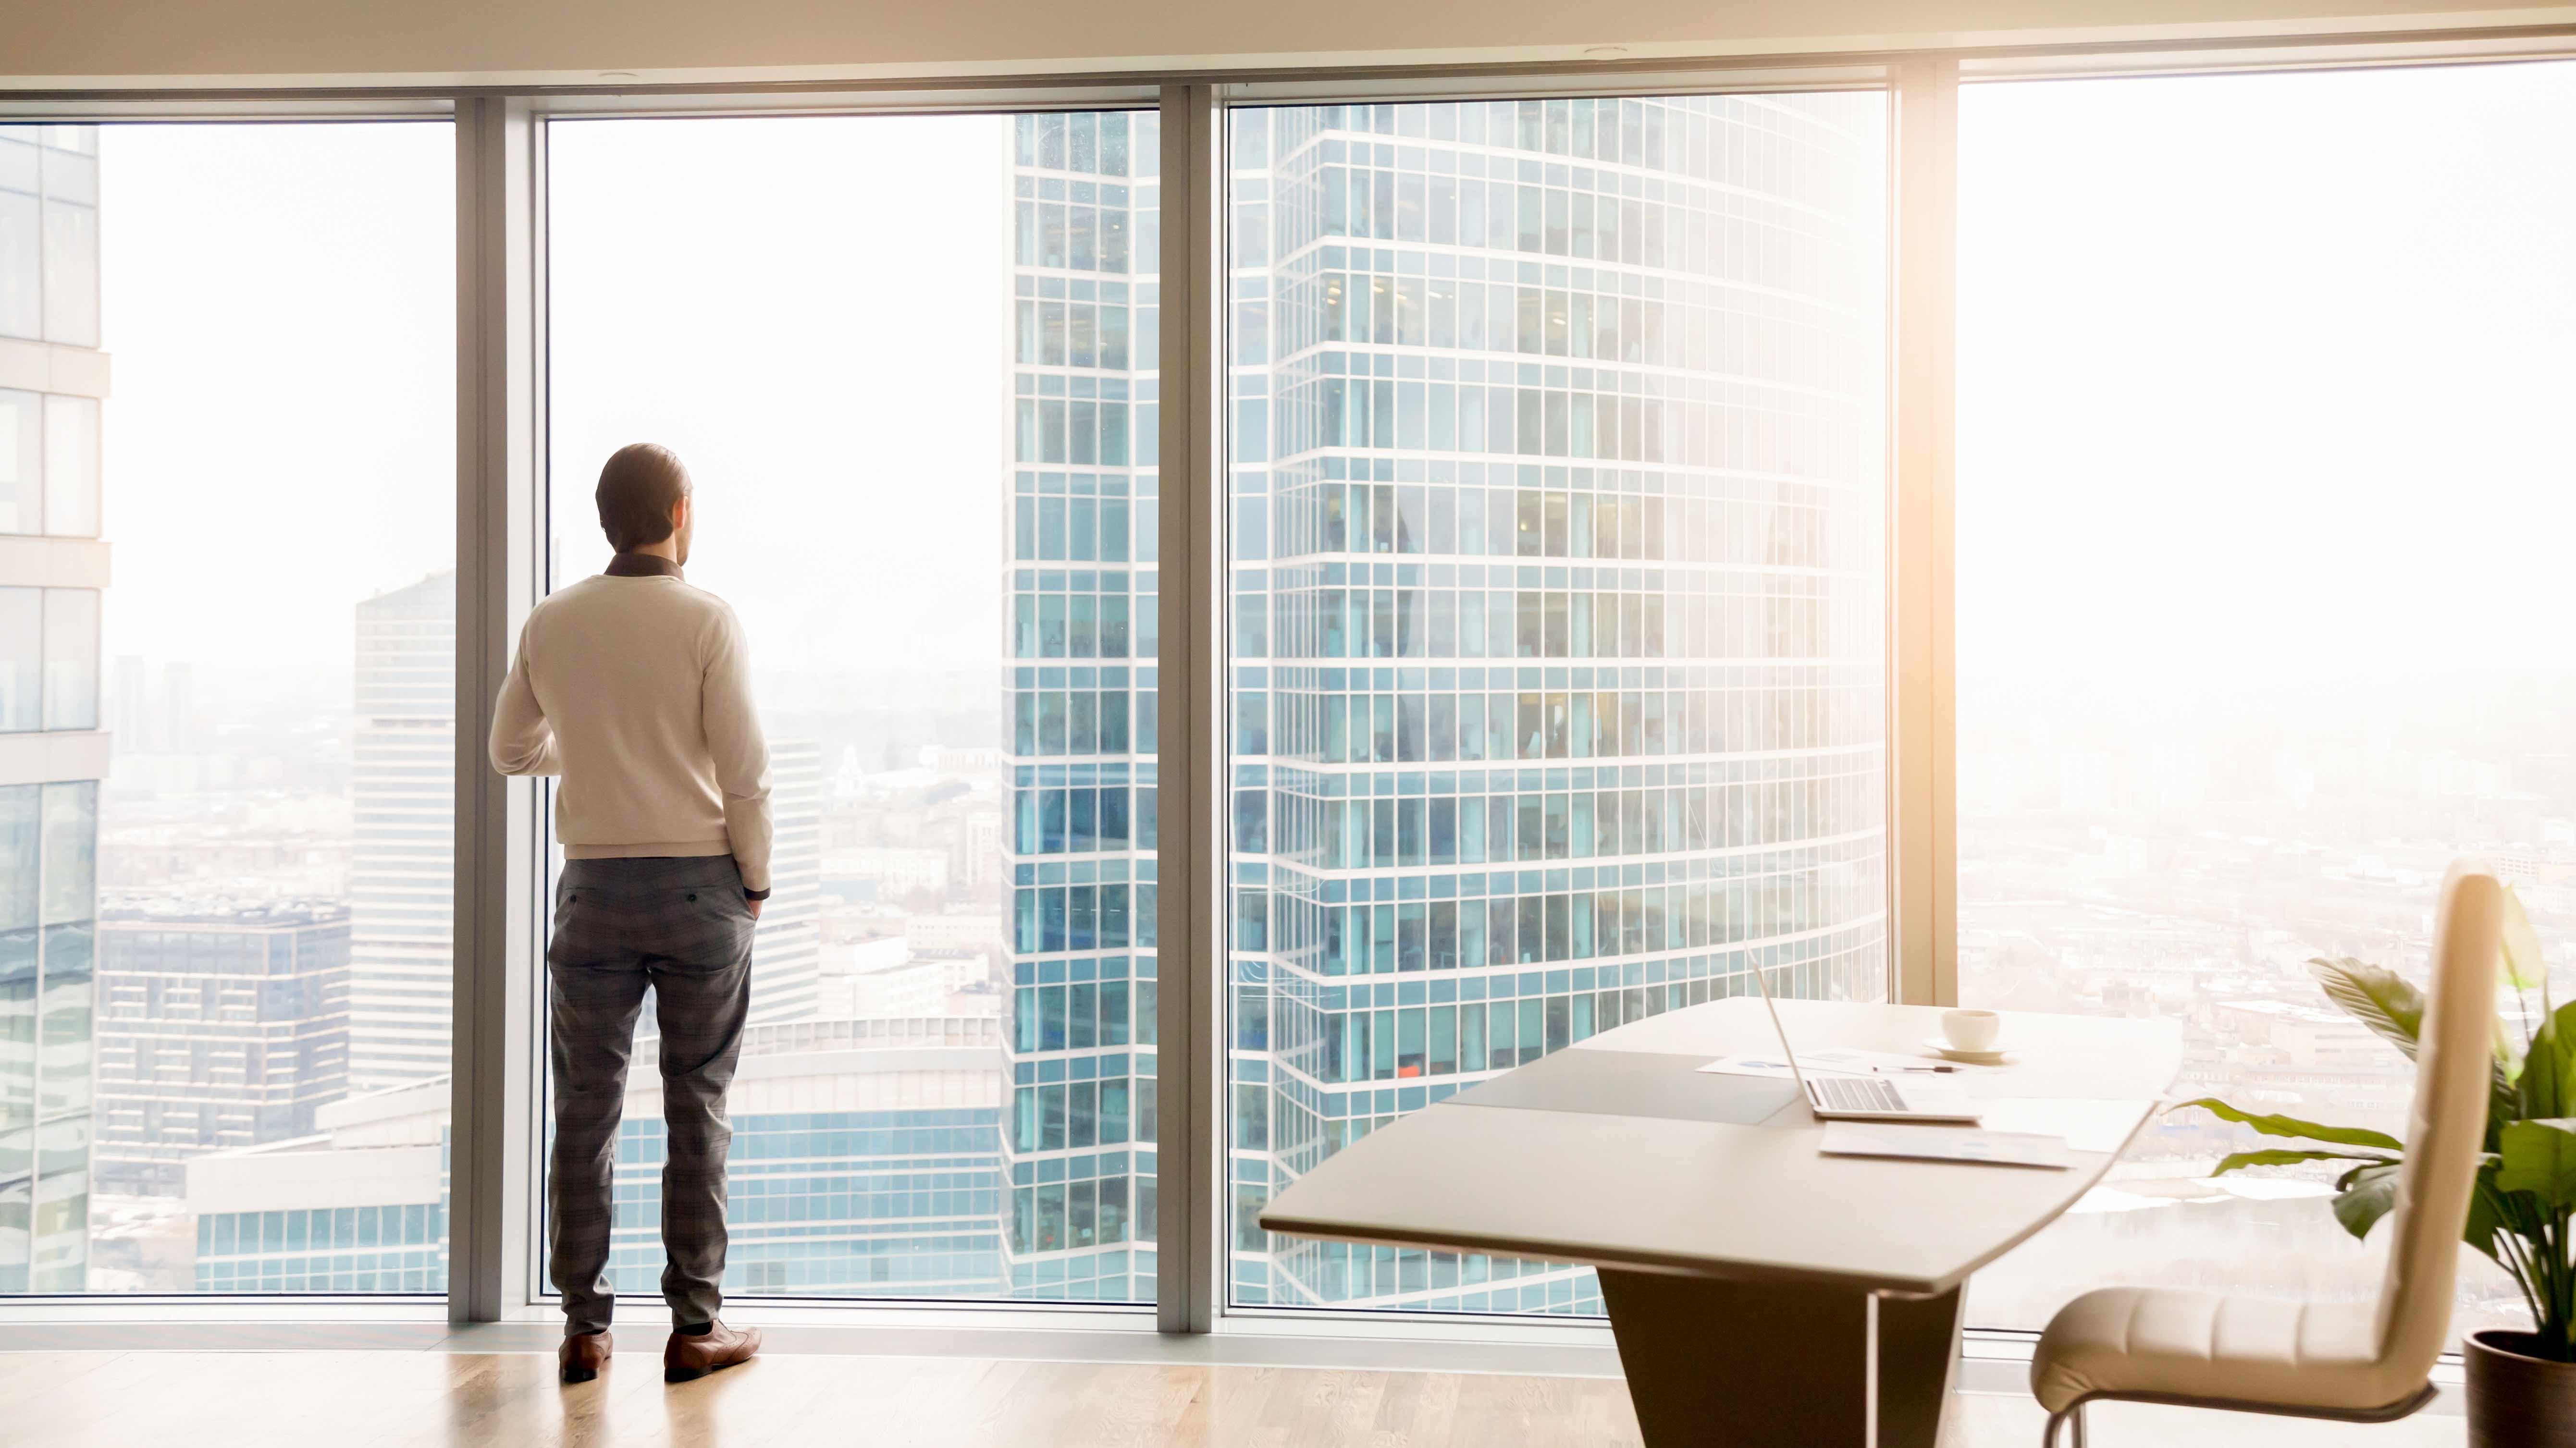 <p>Regreso a la oficina: flexibilidad y compañerismo</p>